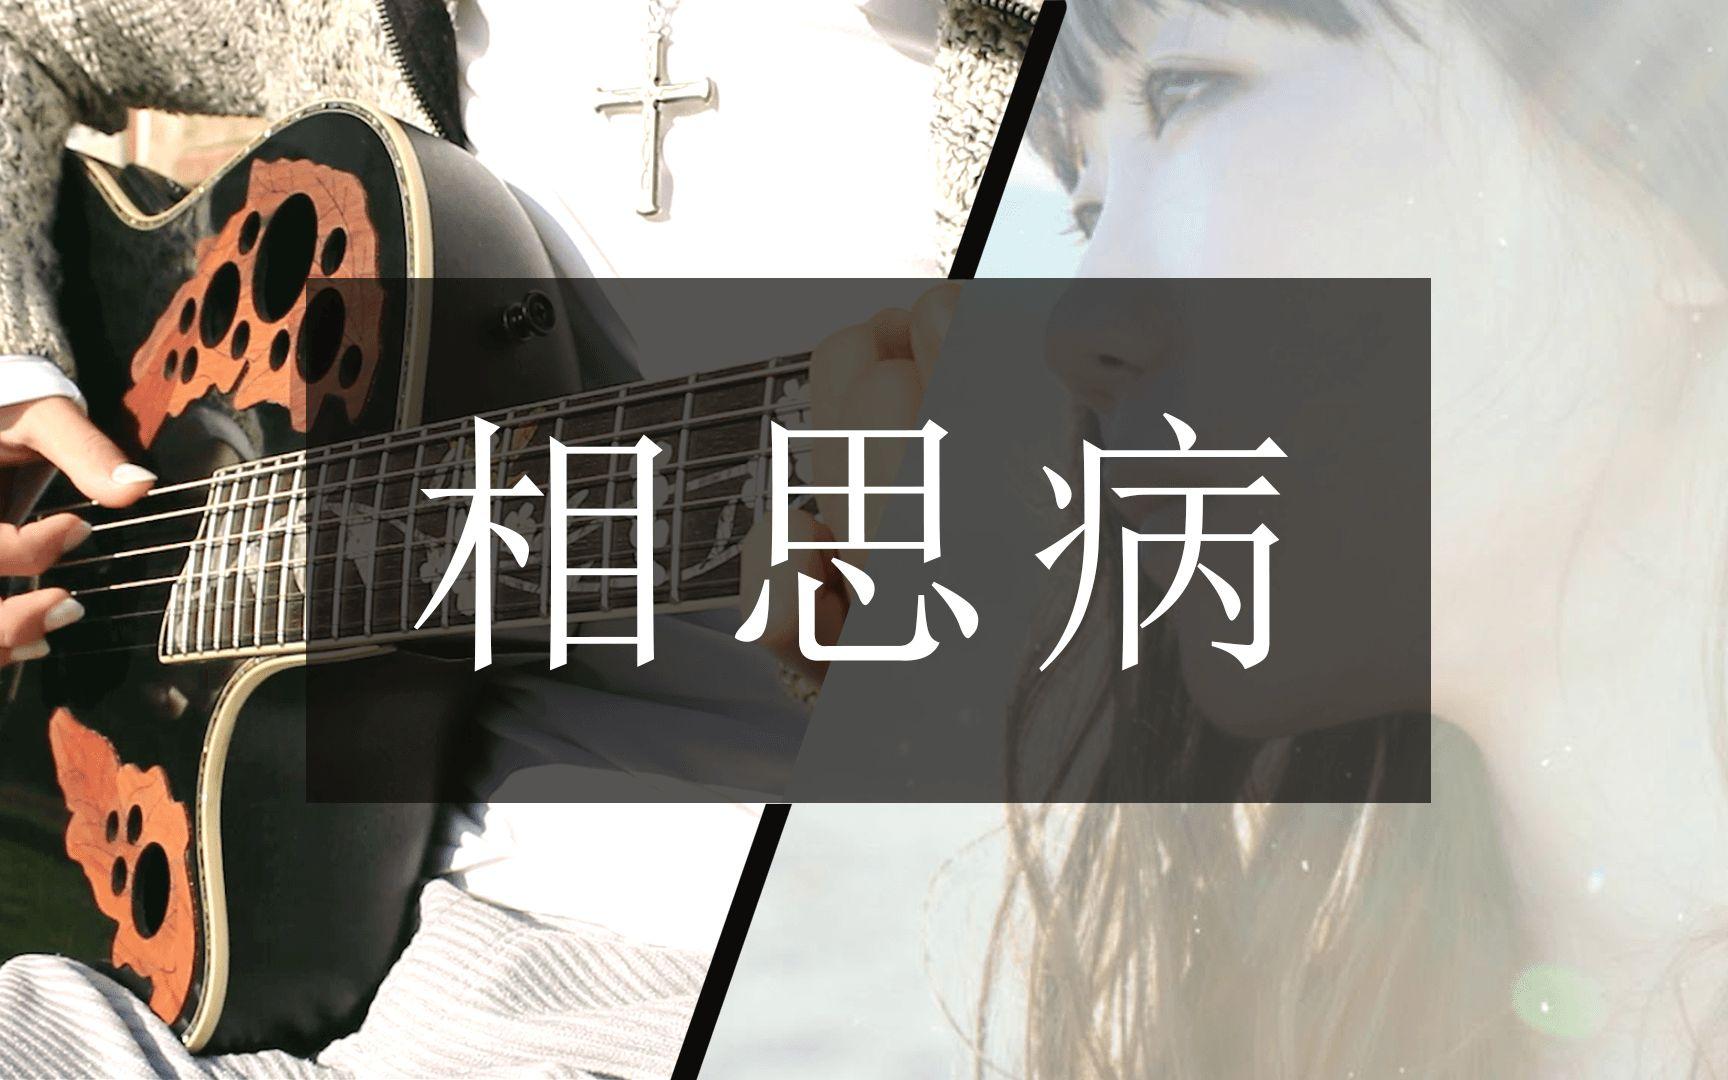 木吉他 相思病 - Aimer【附譜】_嗶哩嗶哩 (゜-゜)つロ 干杯~-bilibili